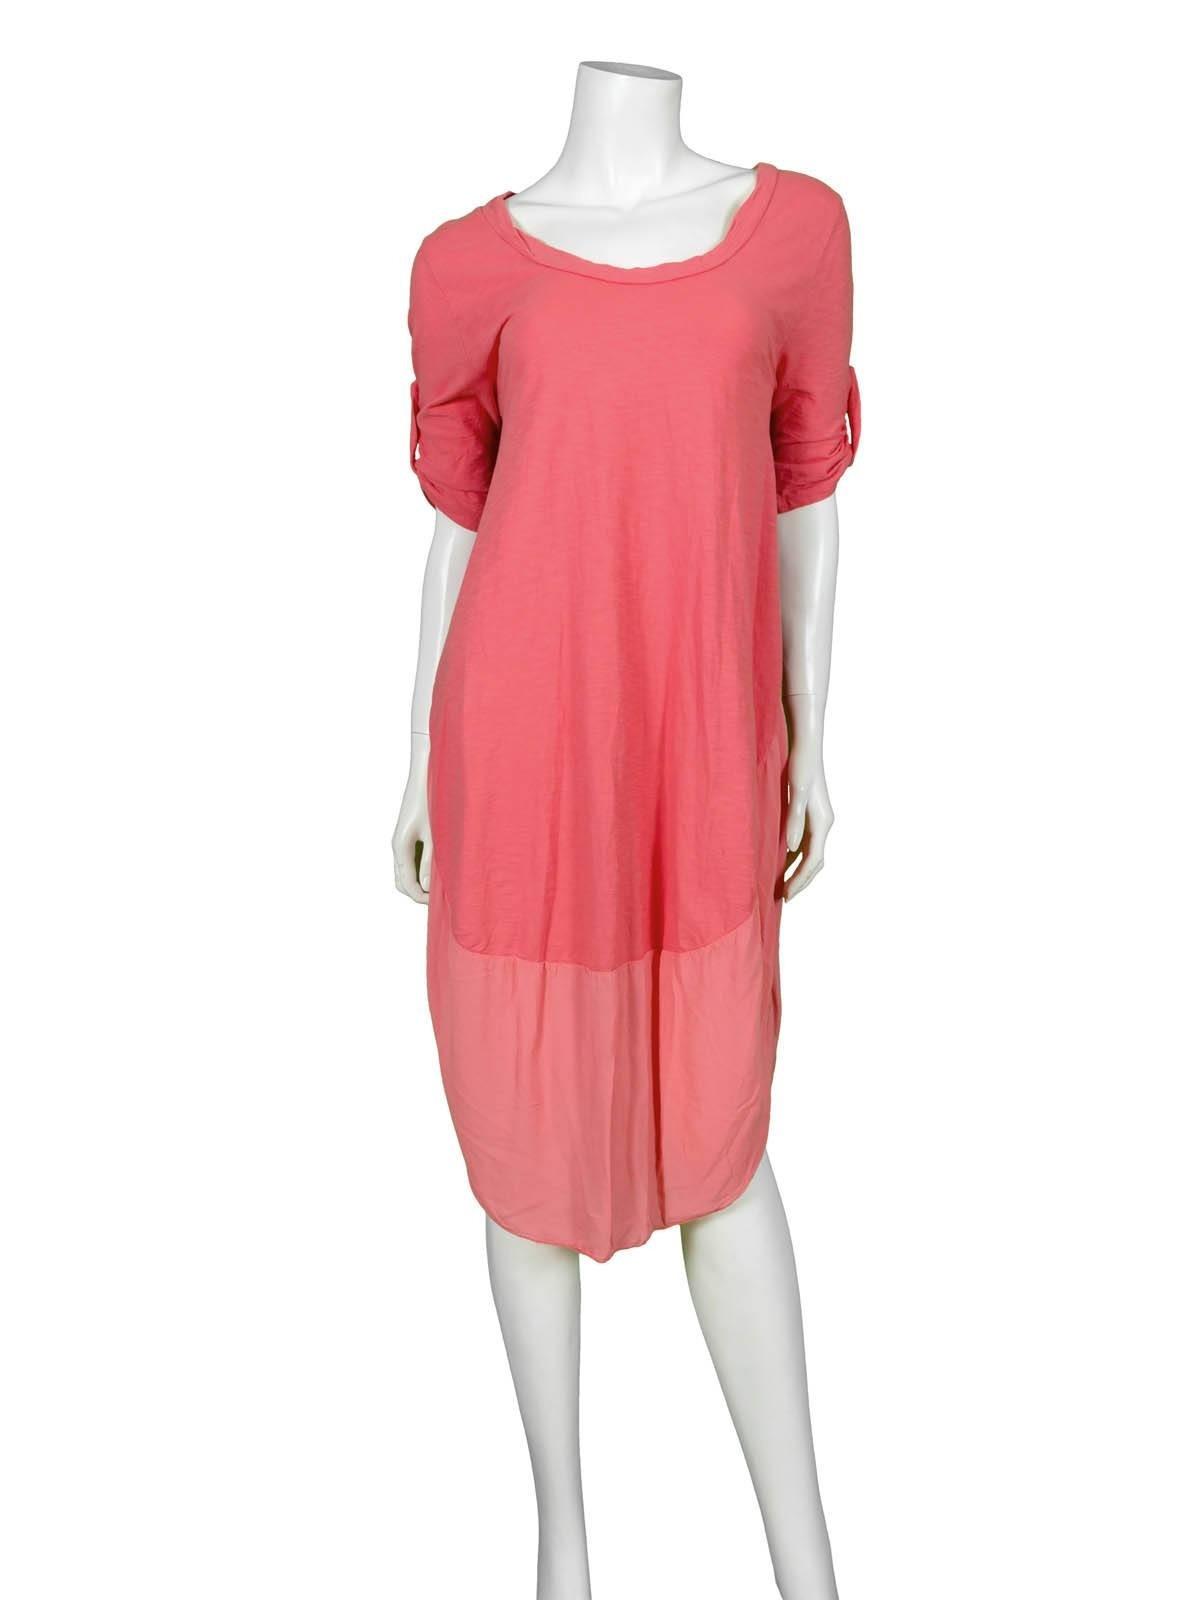 10 Elegant Kleid Koralle Spitze Boutique13 Ausgezeichnet Kleid Koralle Spitze Vertrieb